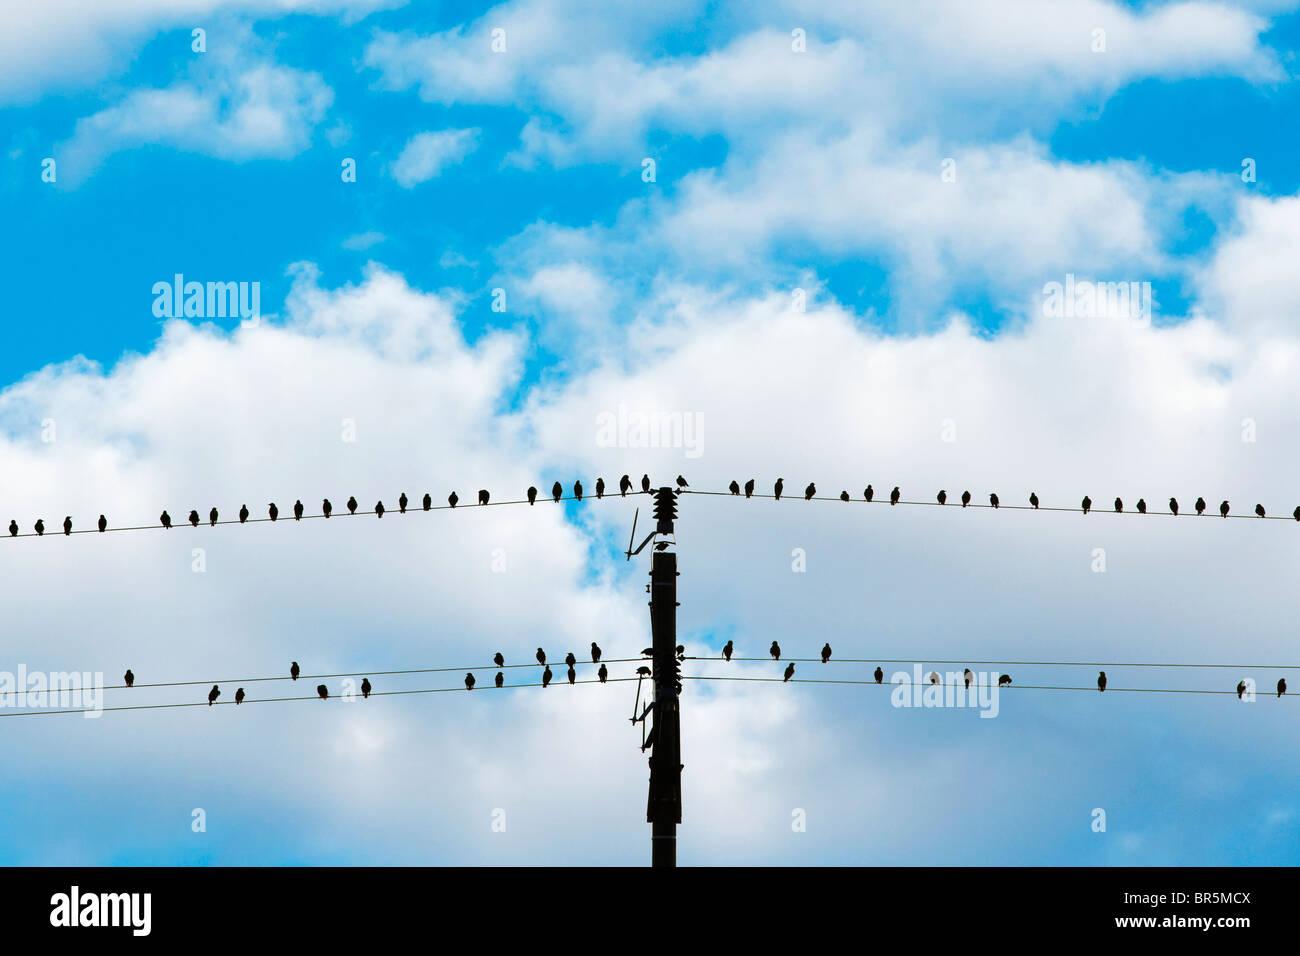 Oiseaux assis sur les fils d'électricité - Ciel bleu et nuages blancs Photo Stock